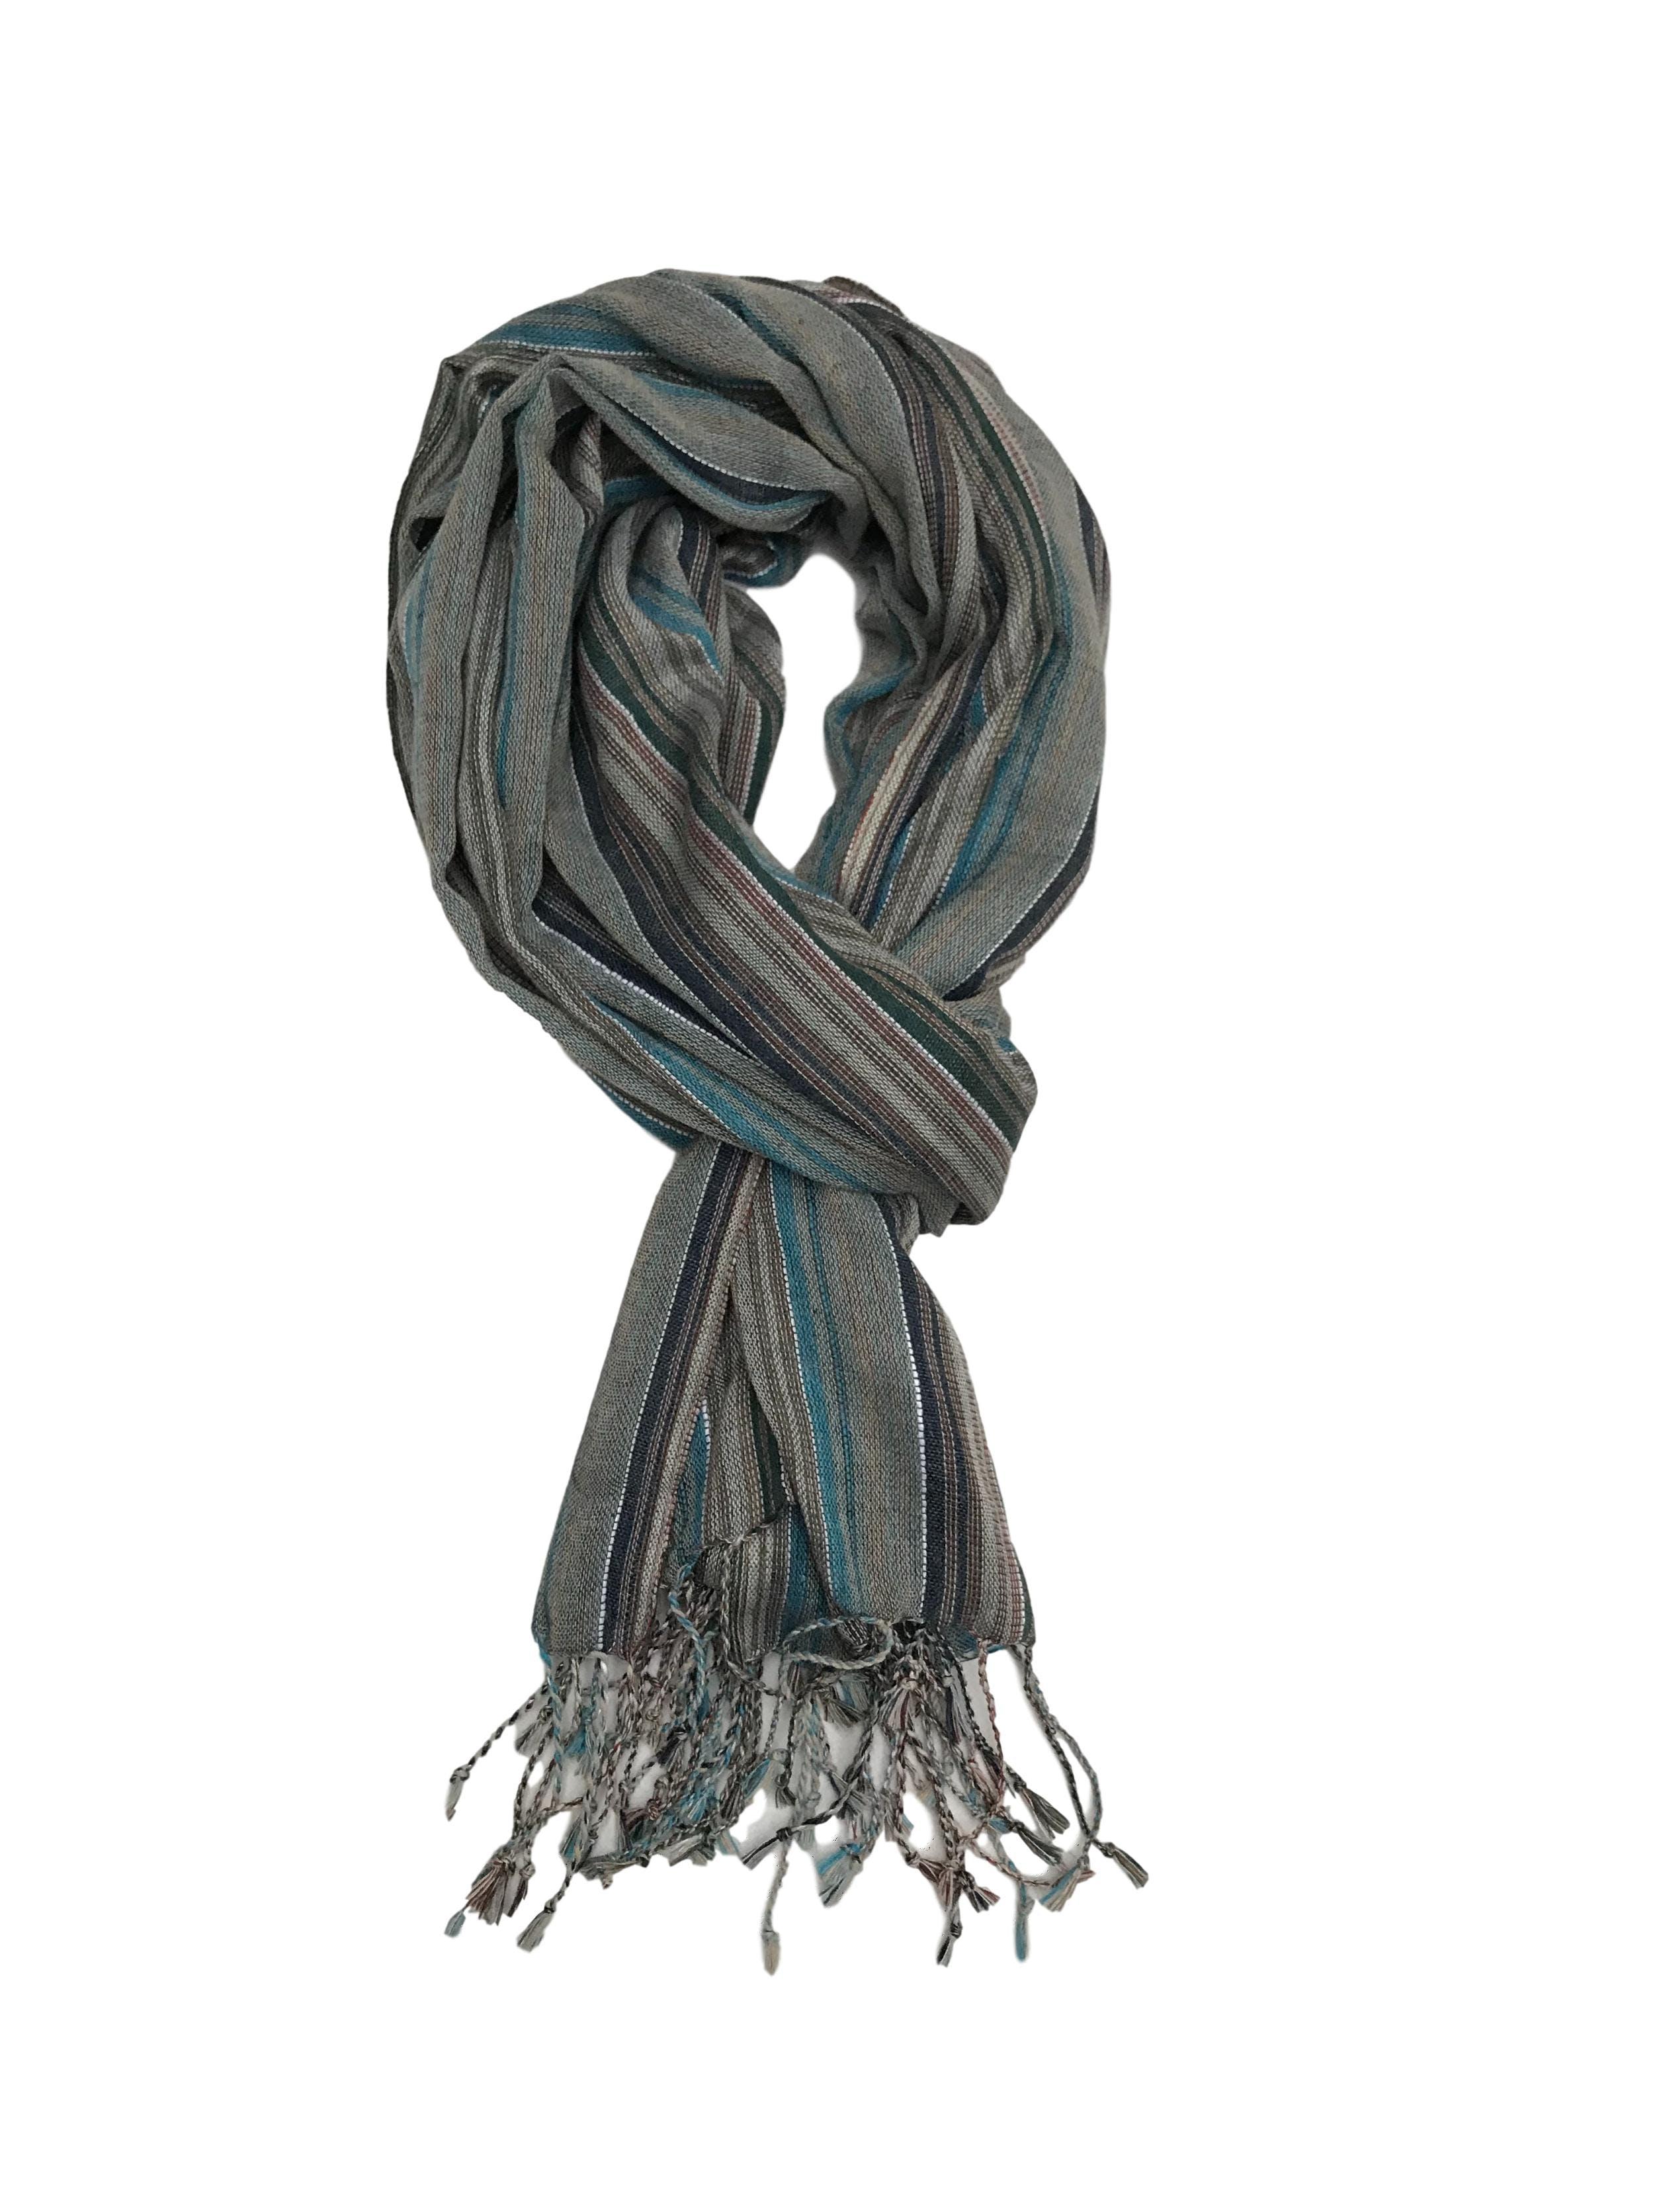 Bufanda a rayas en tonos tierra y azules con flecos. Medidas 180x70cm